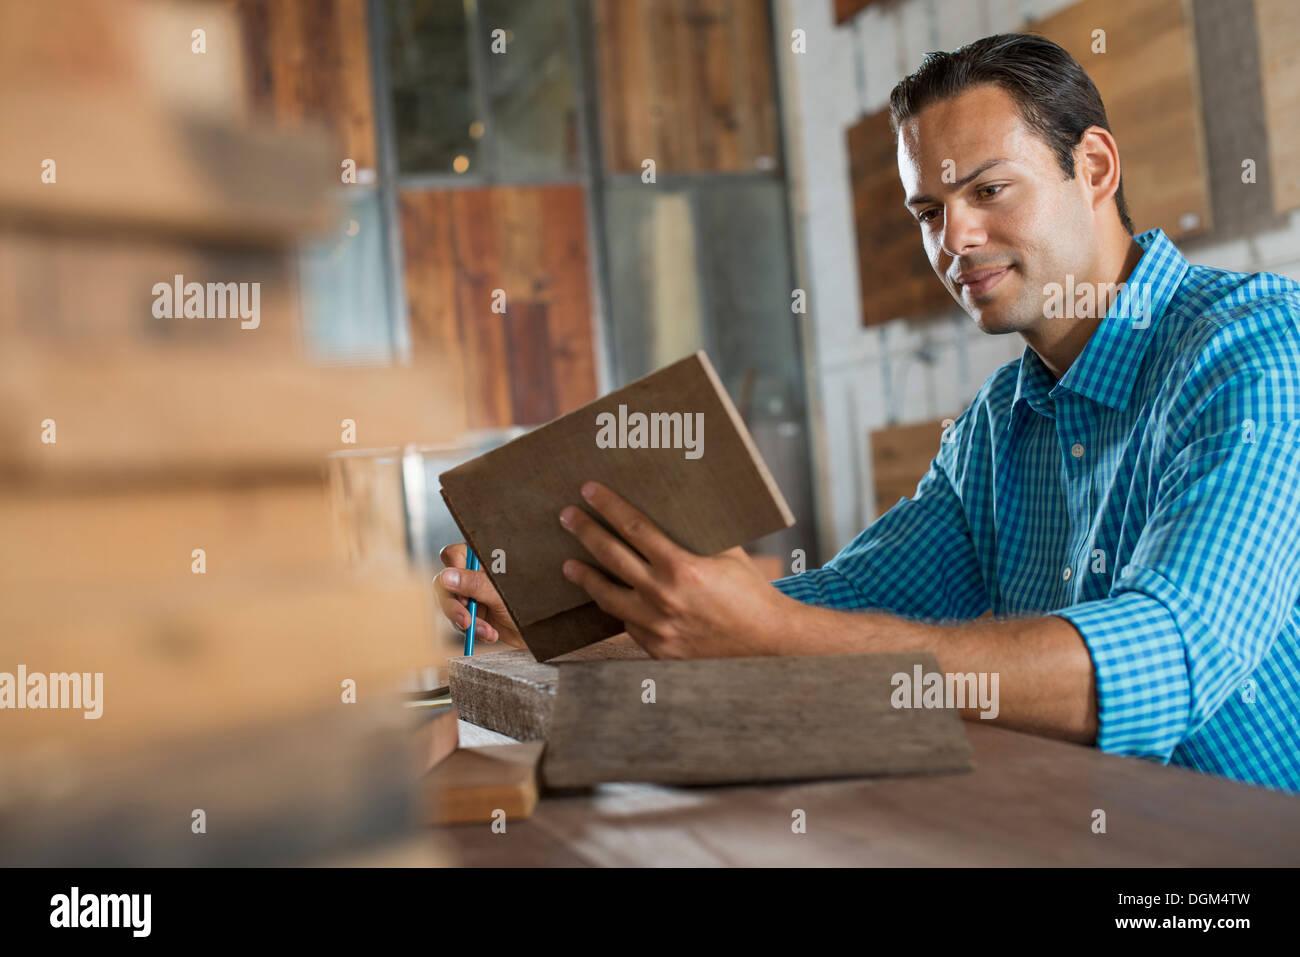 Un giovane uomo in una officina esaminando un legno riciclato campione. Immagini Stock